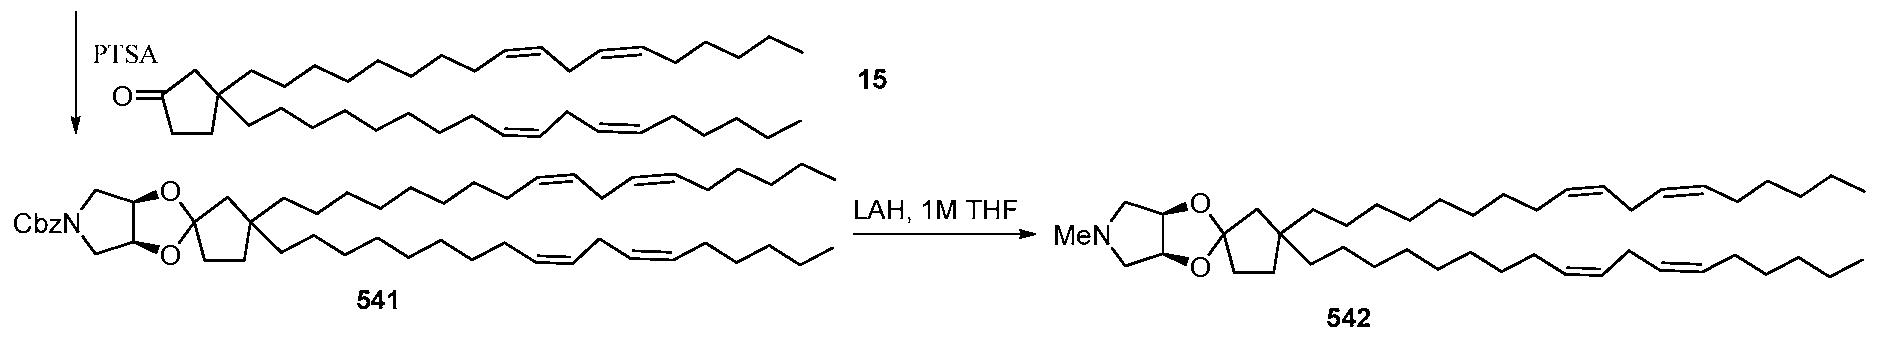 Figure imgf000195_0001